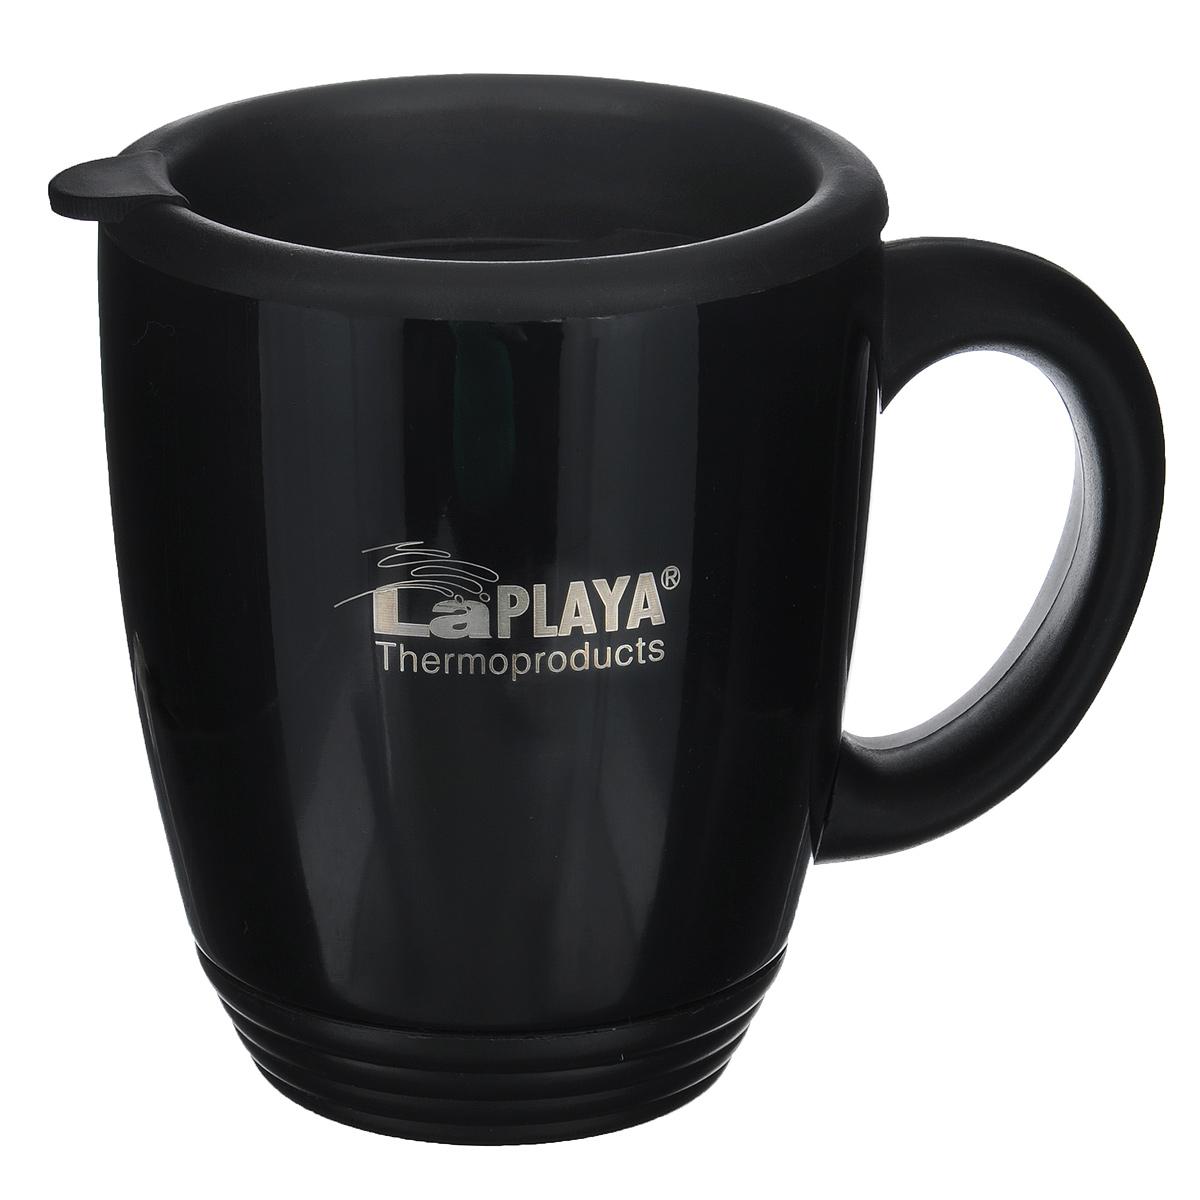 Термокружка LaPlaya, цвет: черный, 450 мл560022Корпус термокружки LaPlaya изготовлен из нержавеющей стали с двумя стенками. Внешнее покрытие - лаковое. Основание, ручка и крышка термокружки изготовлены из прочного пластика. Крышка оснащена отверстием для удобного питья. Крышка имеет термоусадку, плотно закрывается и легко открывается. Термокружка LaPlaya идеально подходит для использования в офисе и дома, на отдыхе и во время путешествий.